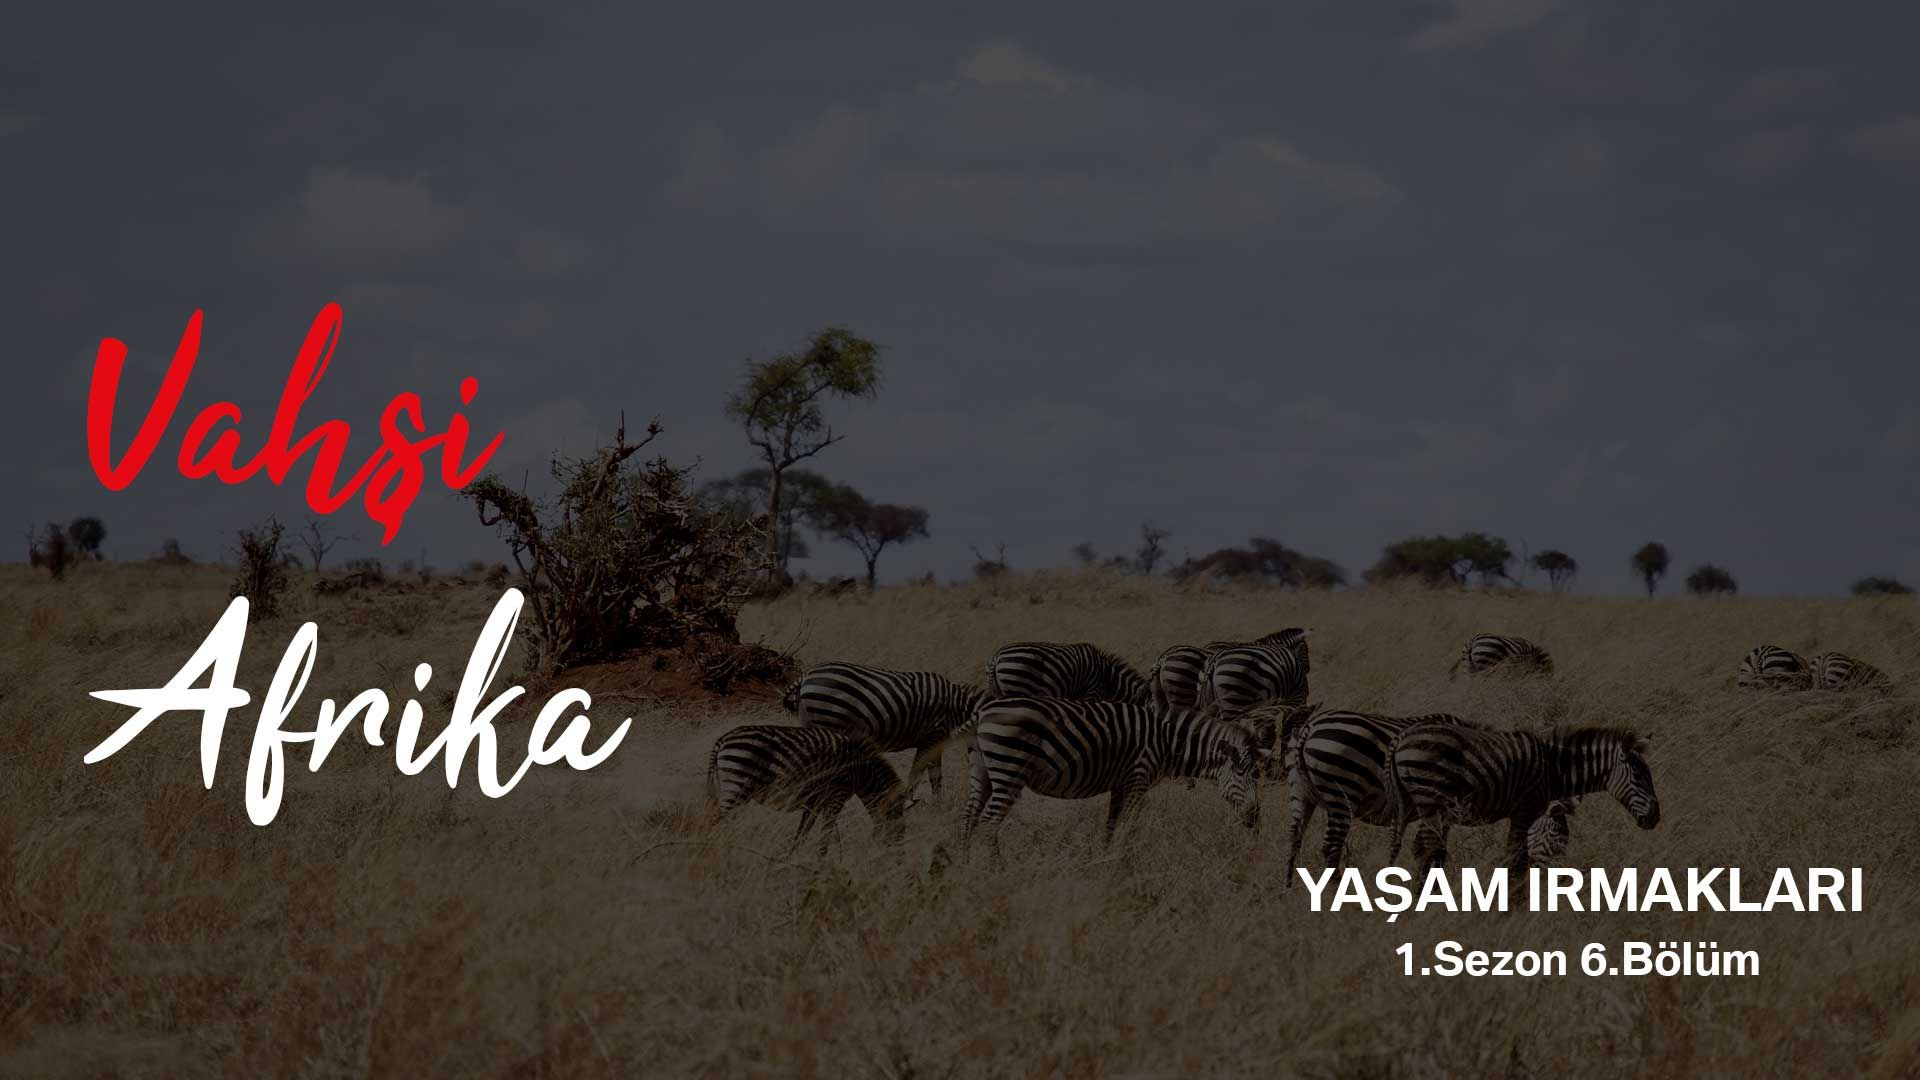 Vahşi Afrika: Yaşam Irmakları | 1.Sezon 6.Bölüm